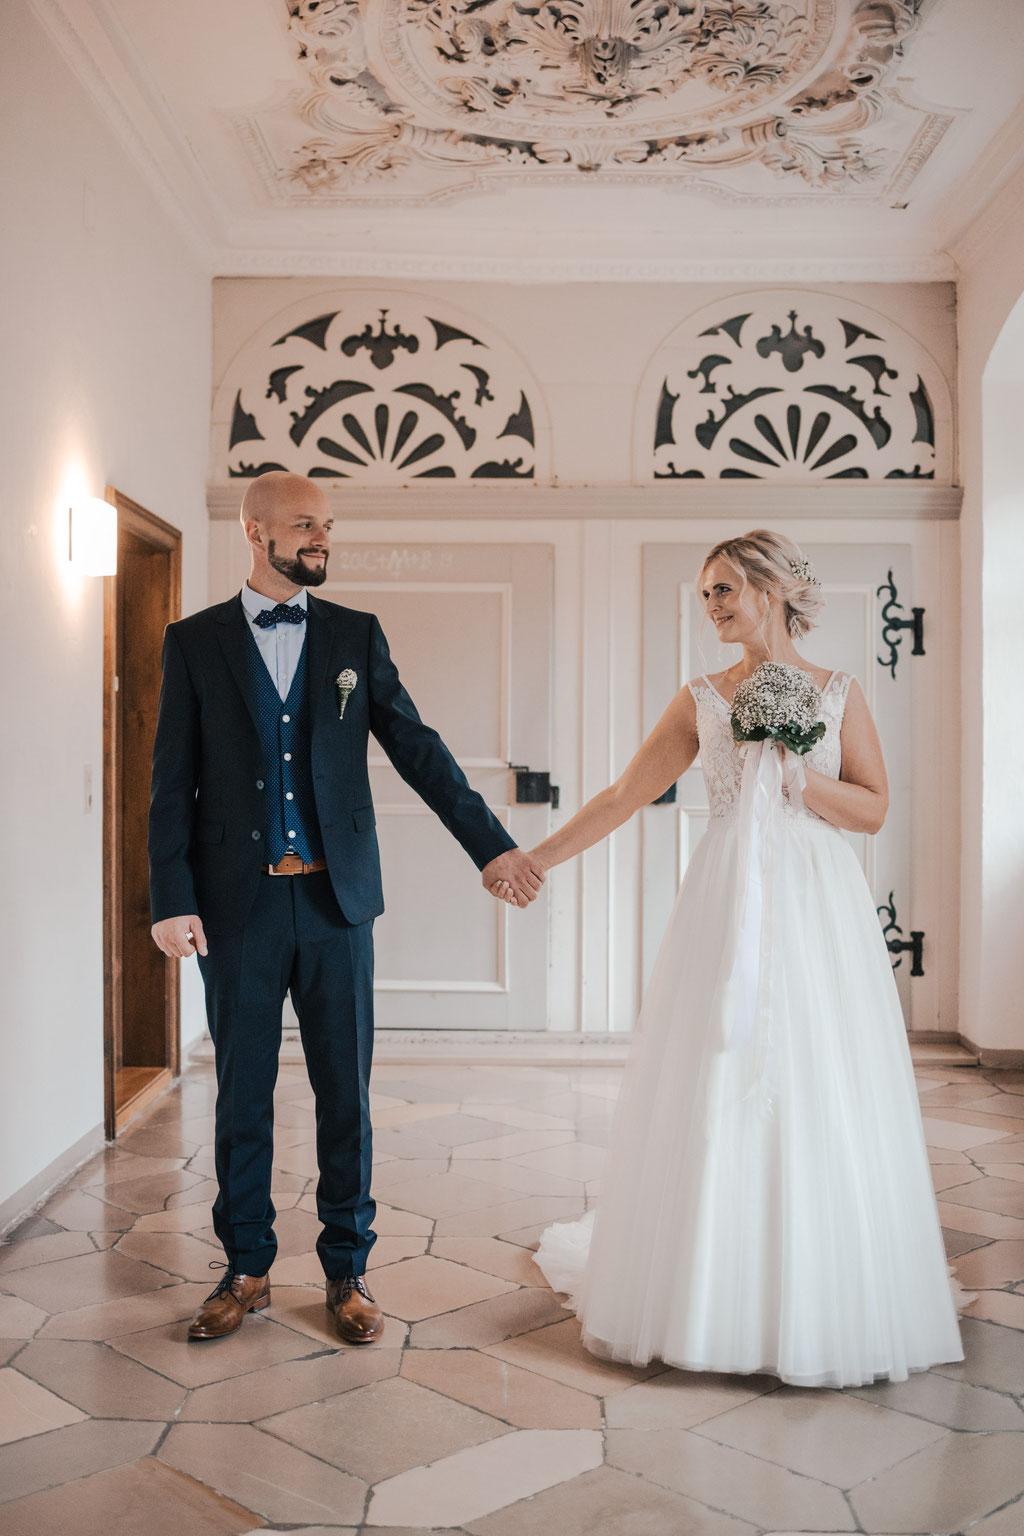 Kloster Wettenhausen, Heiraten, Fotografie, Hochzeitsfotos, Fotograf, Heiraten, Lets make memories, Photographie by Romina